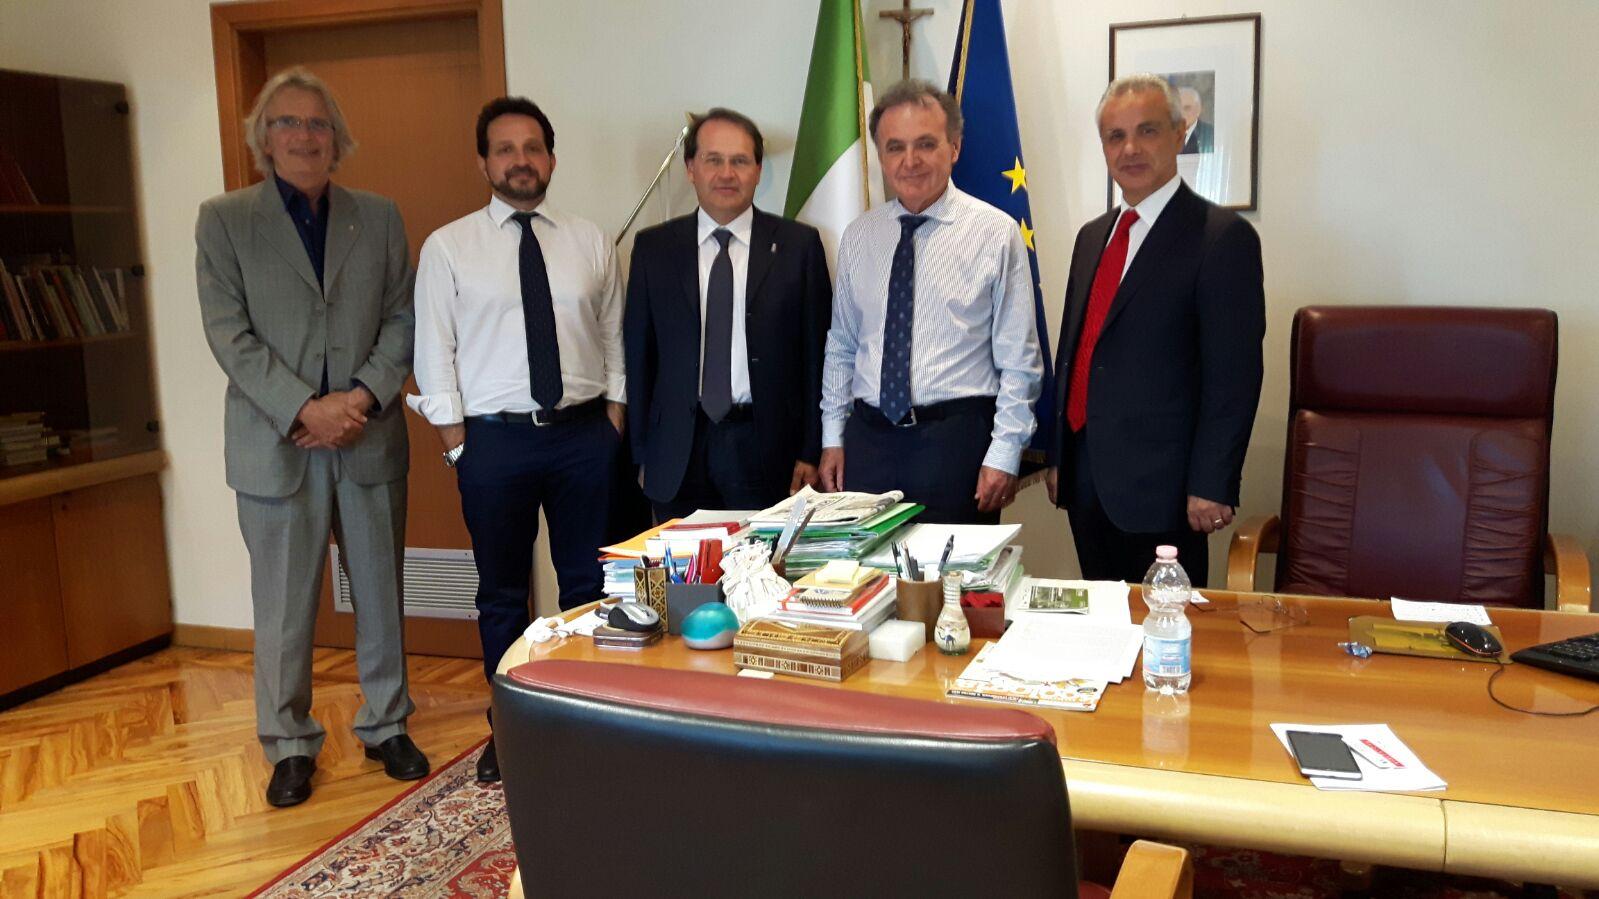 Terzo settore: Città del Vino chiede l'allargamento del Fondo di Garanzia